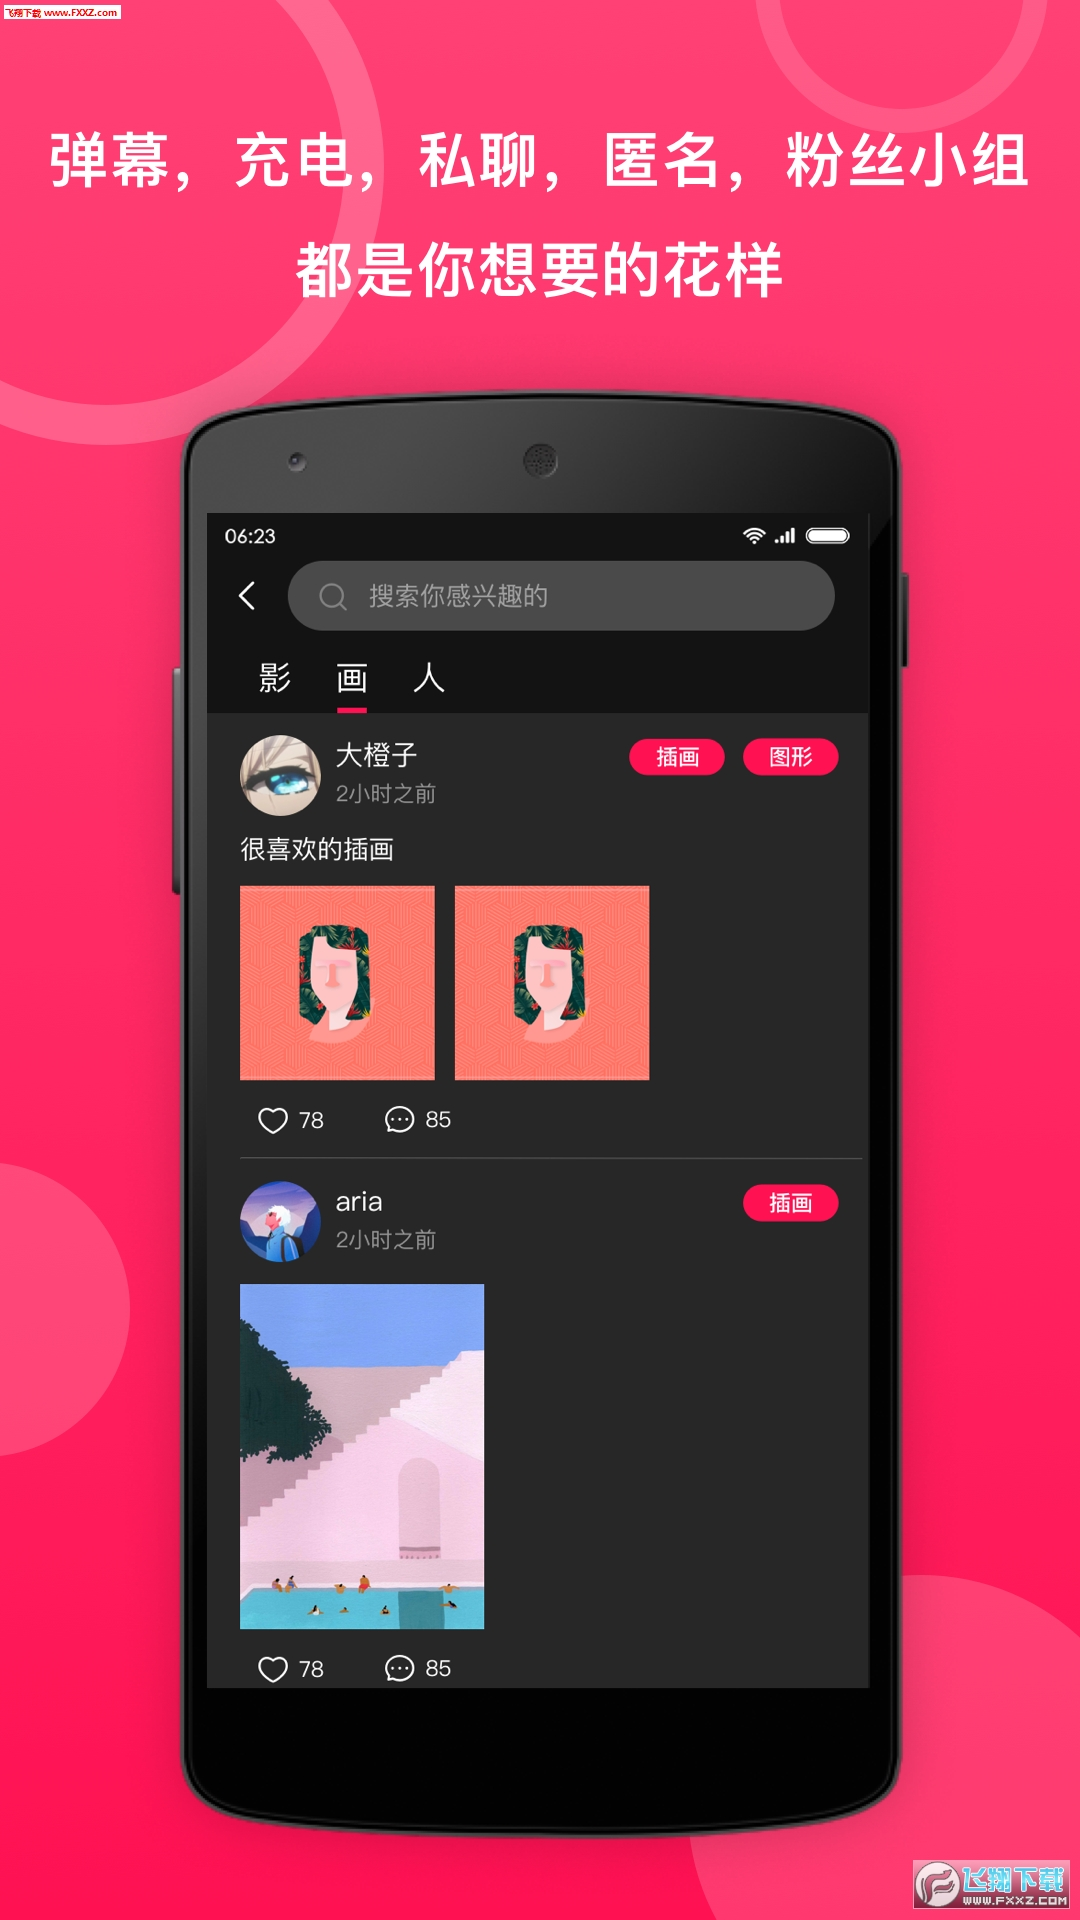 元圈app官方版1.0.0截图1